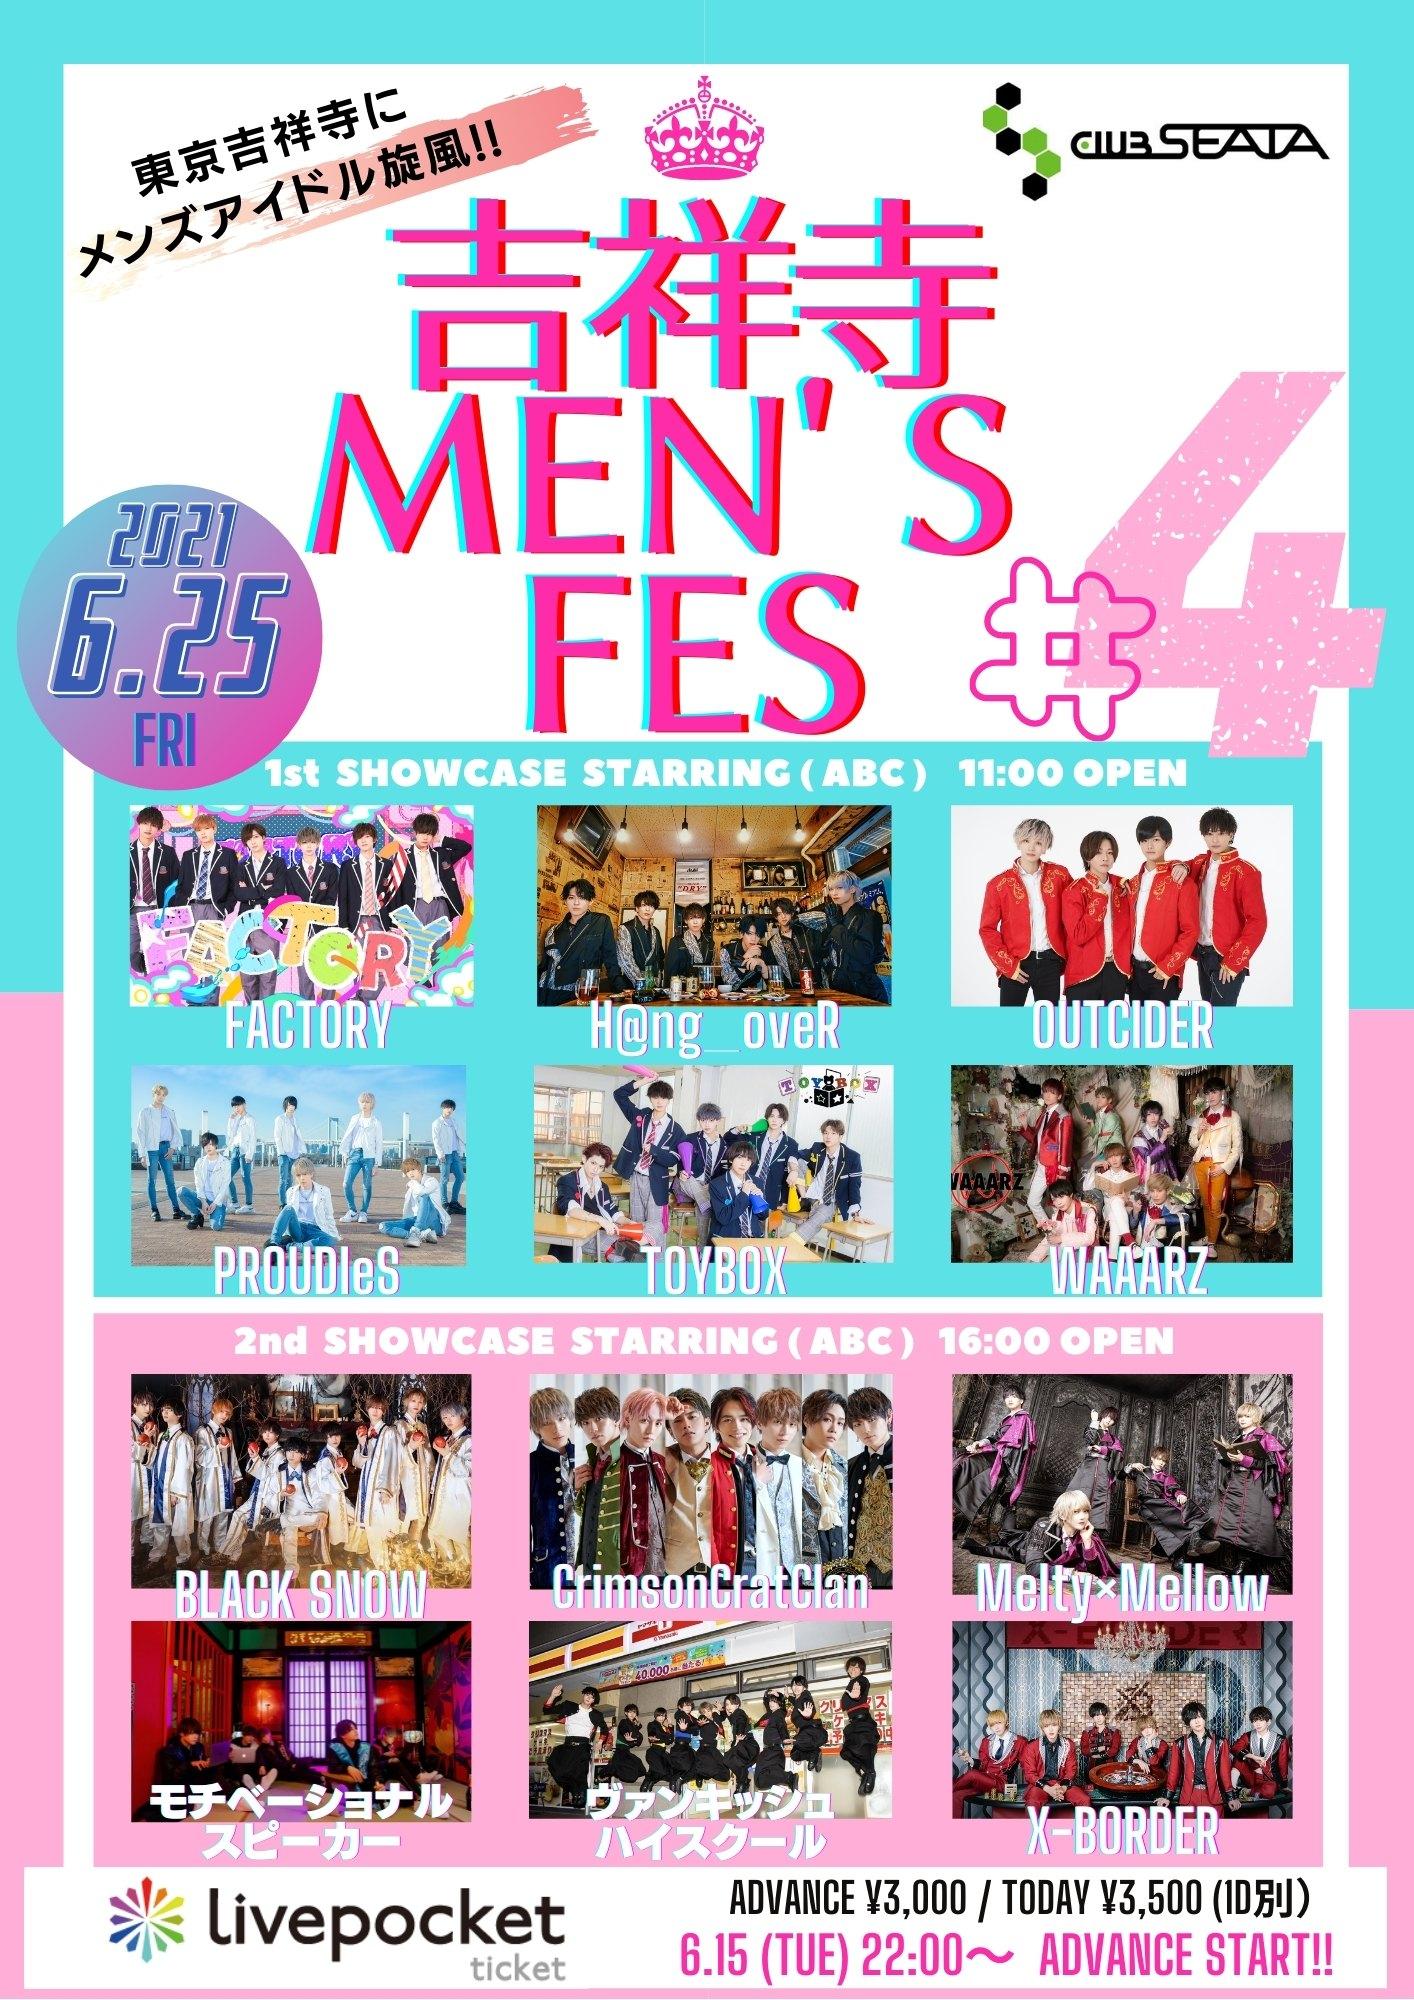 吉祥寺 Men's FES #4 ー1st Showcaceー